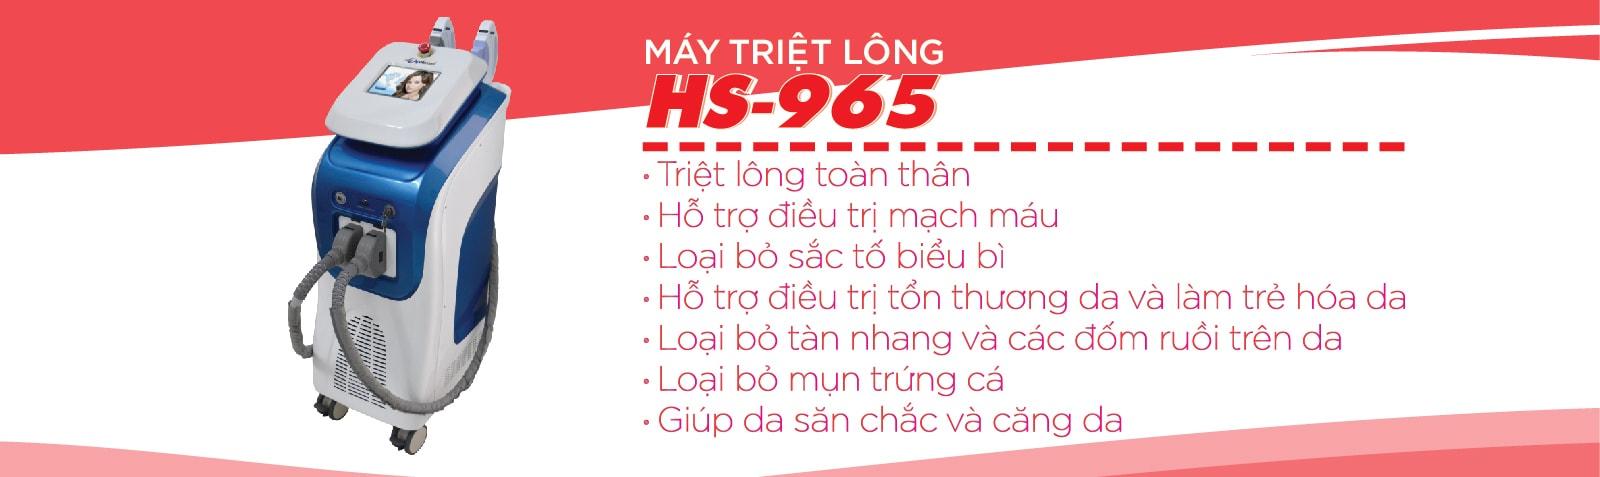 Máy Triệt Lông APOLO HS 965